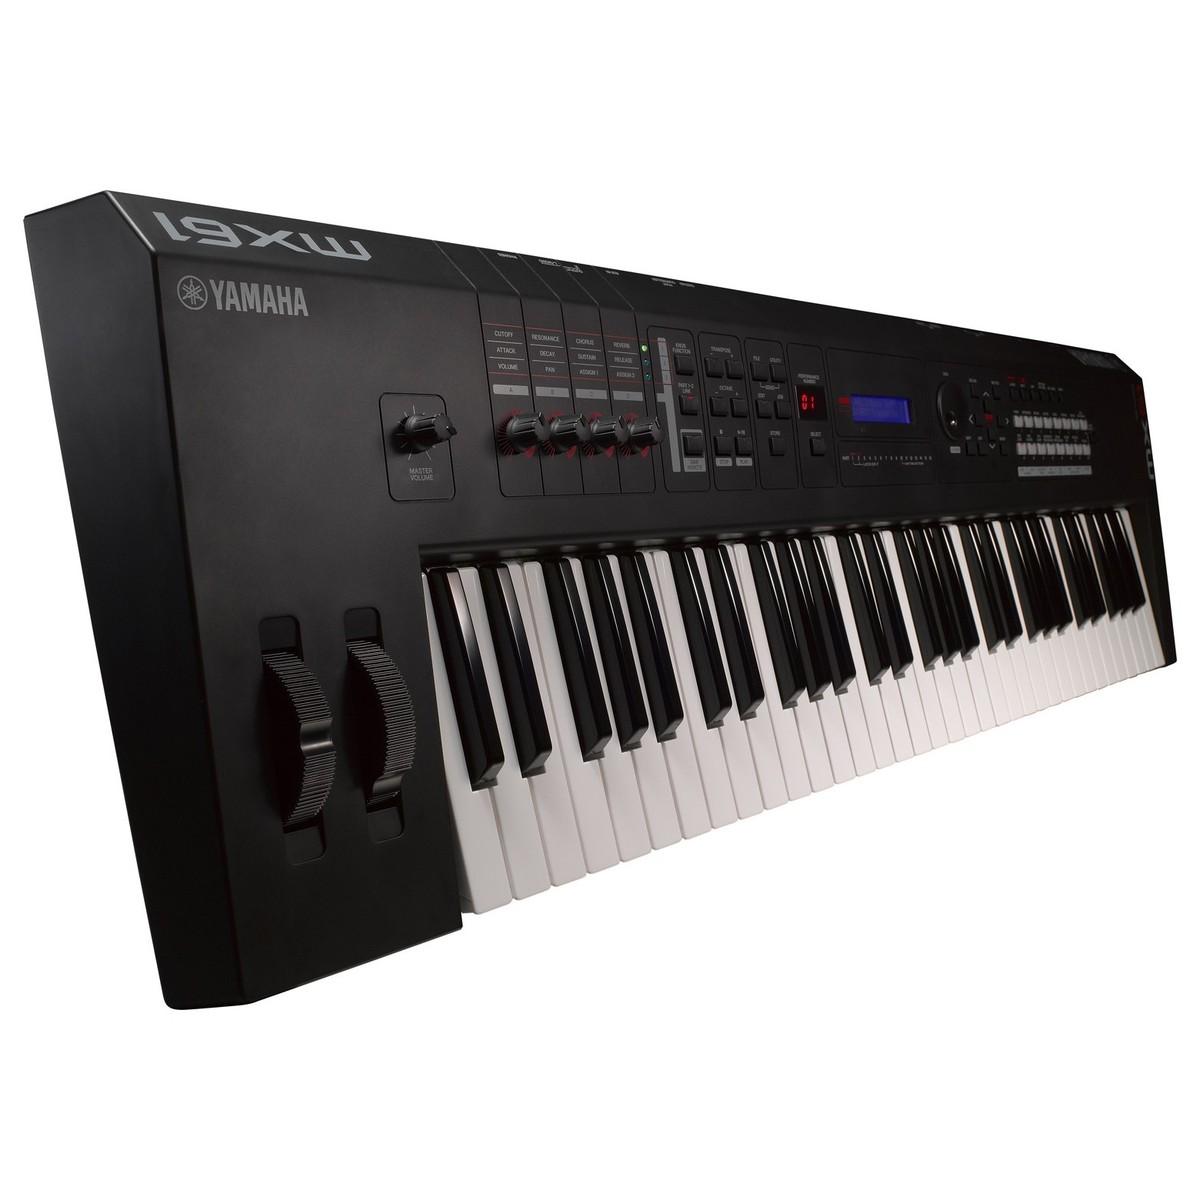 Disc yamaha mx61 production synthesizer with free bag at for Yamaha keyboard synthesizer